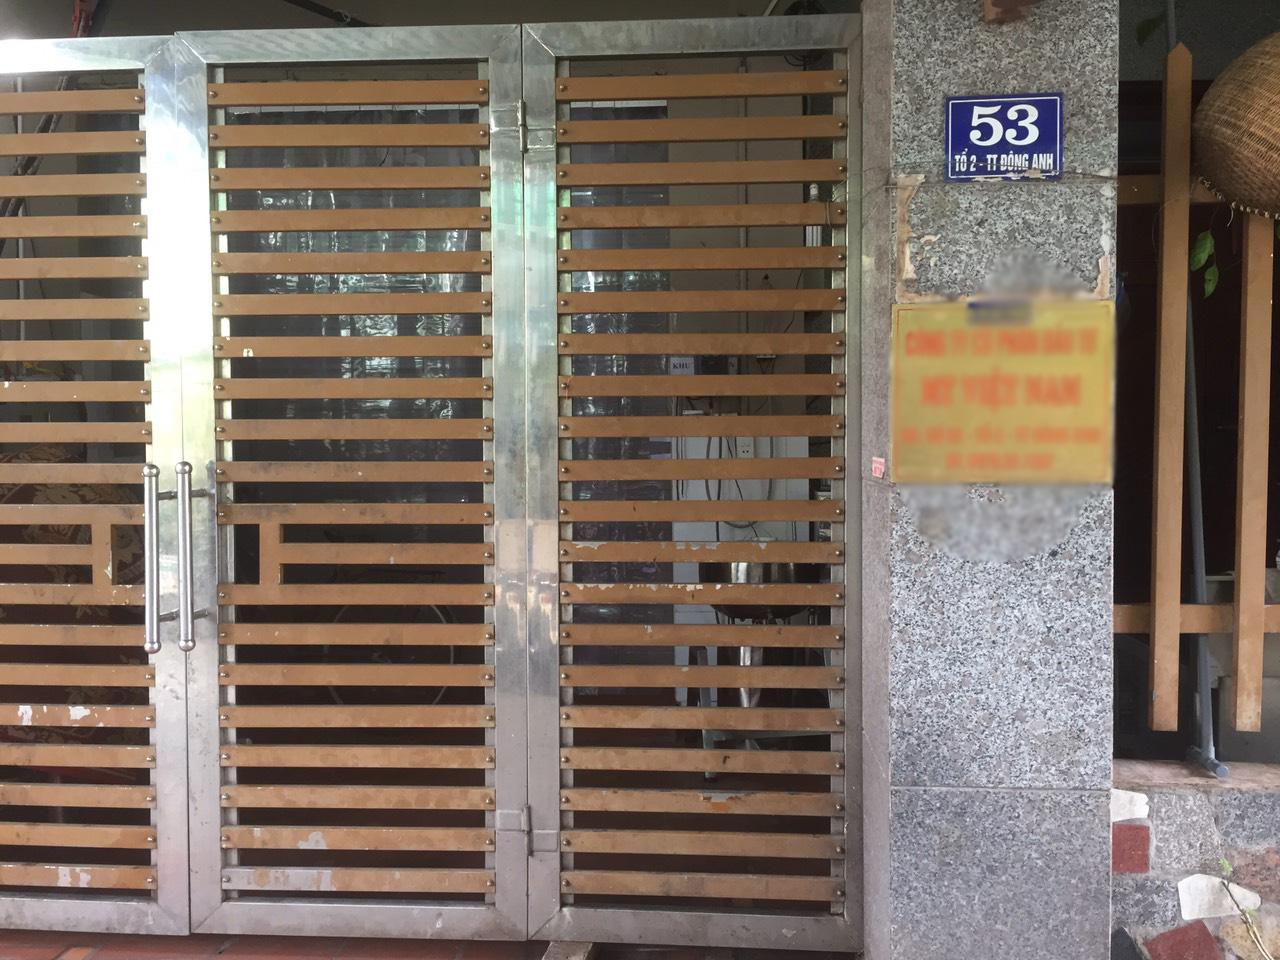 Đóng cửa, niêm phong Công ty sản xuất pate Minh Chay có độc tố cực mạnh, khiến nhiều người nhập viện - Ảnh 3.